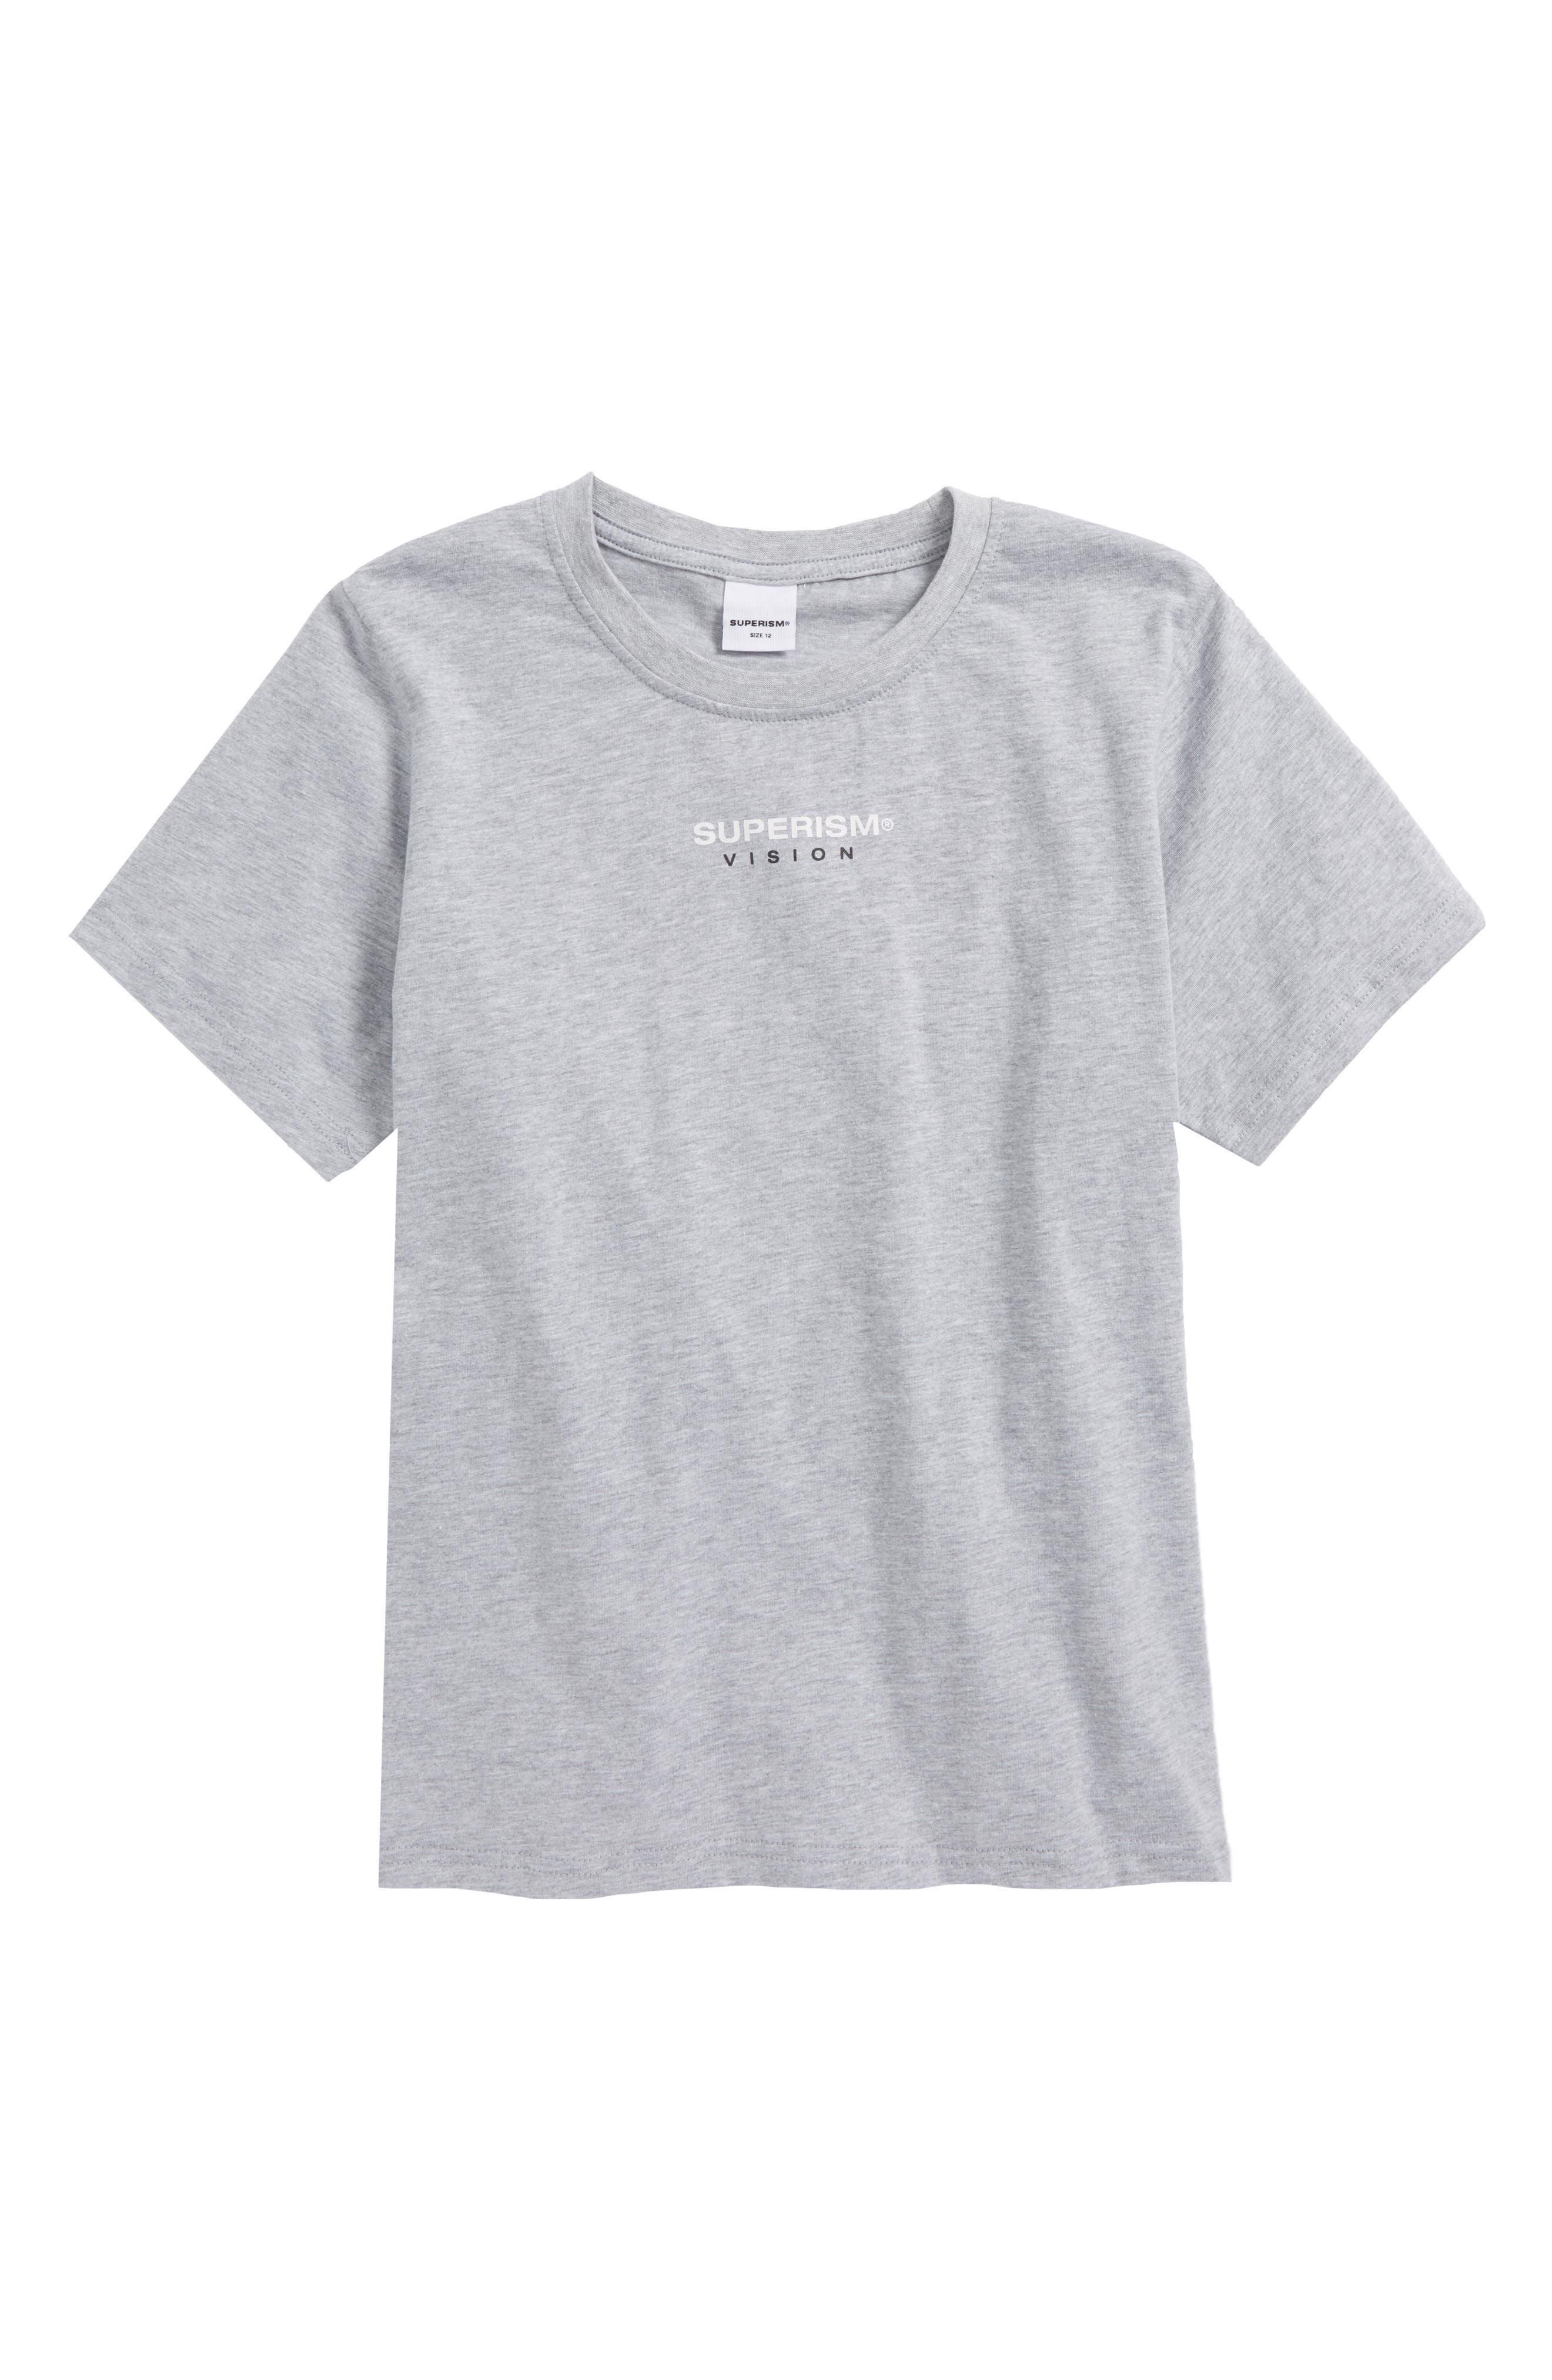 Rose Vision T-Shirt,                             Main thumbnail 1, color,                             Heather Grey